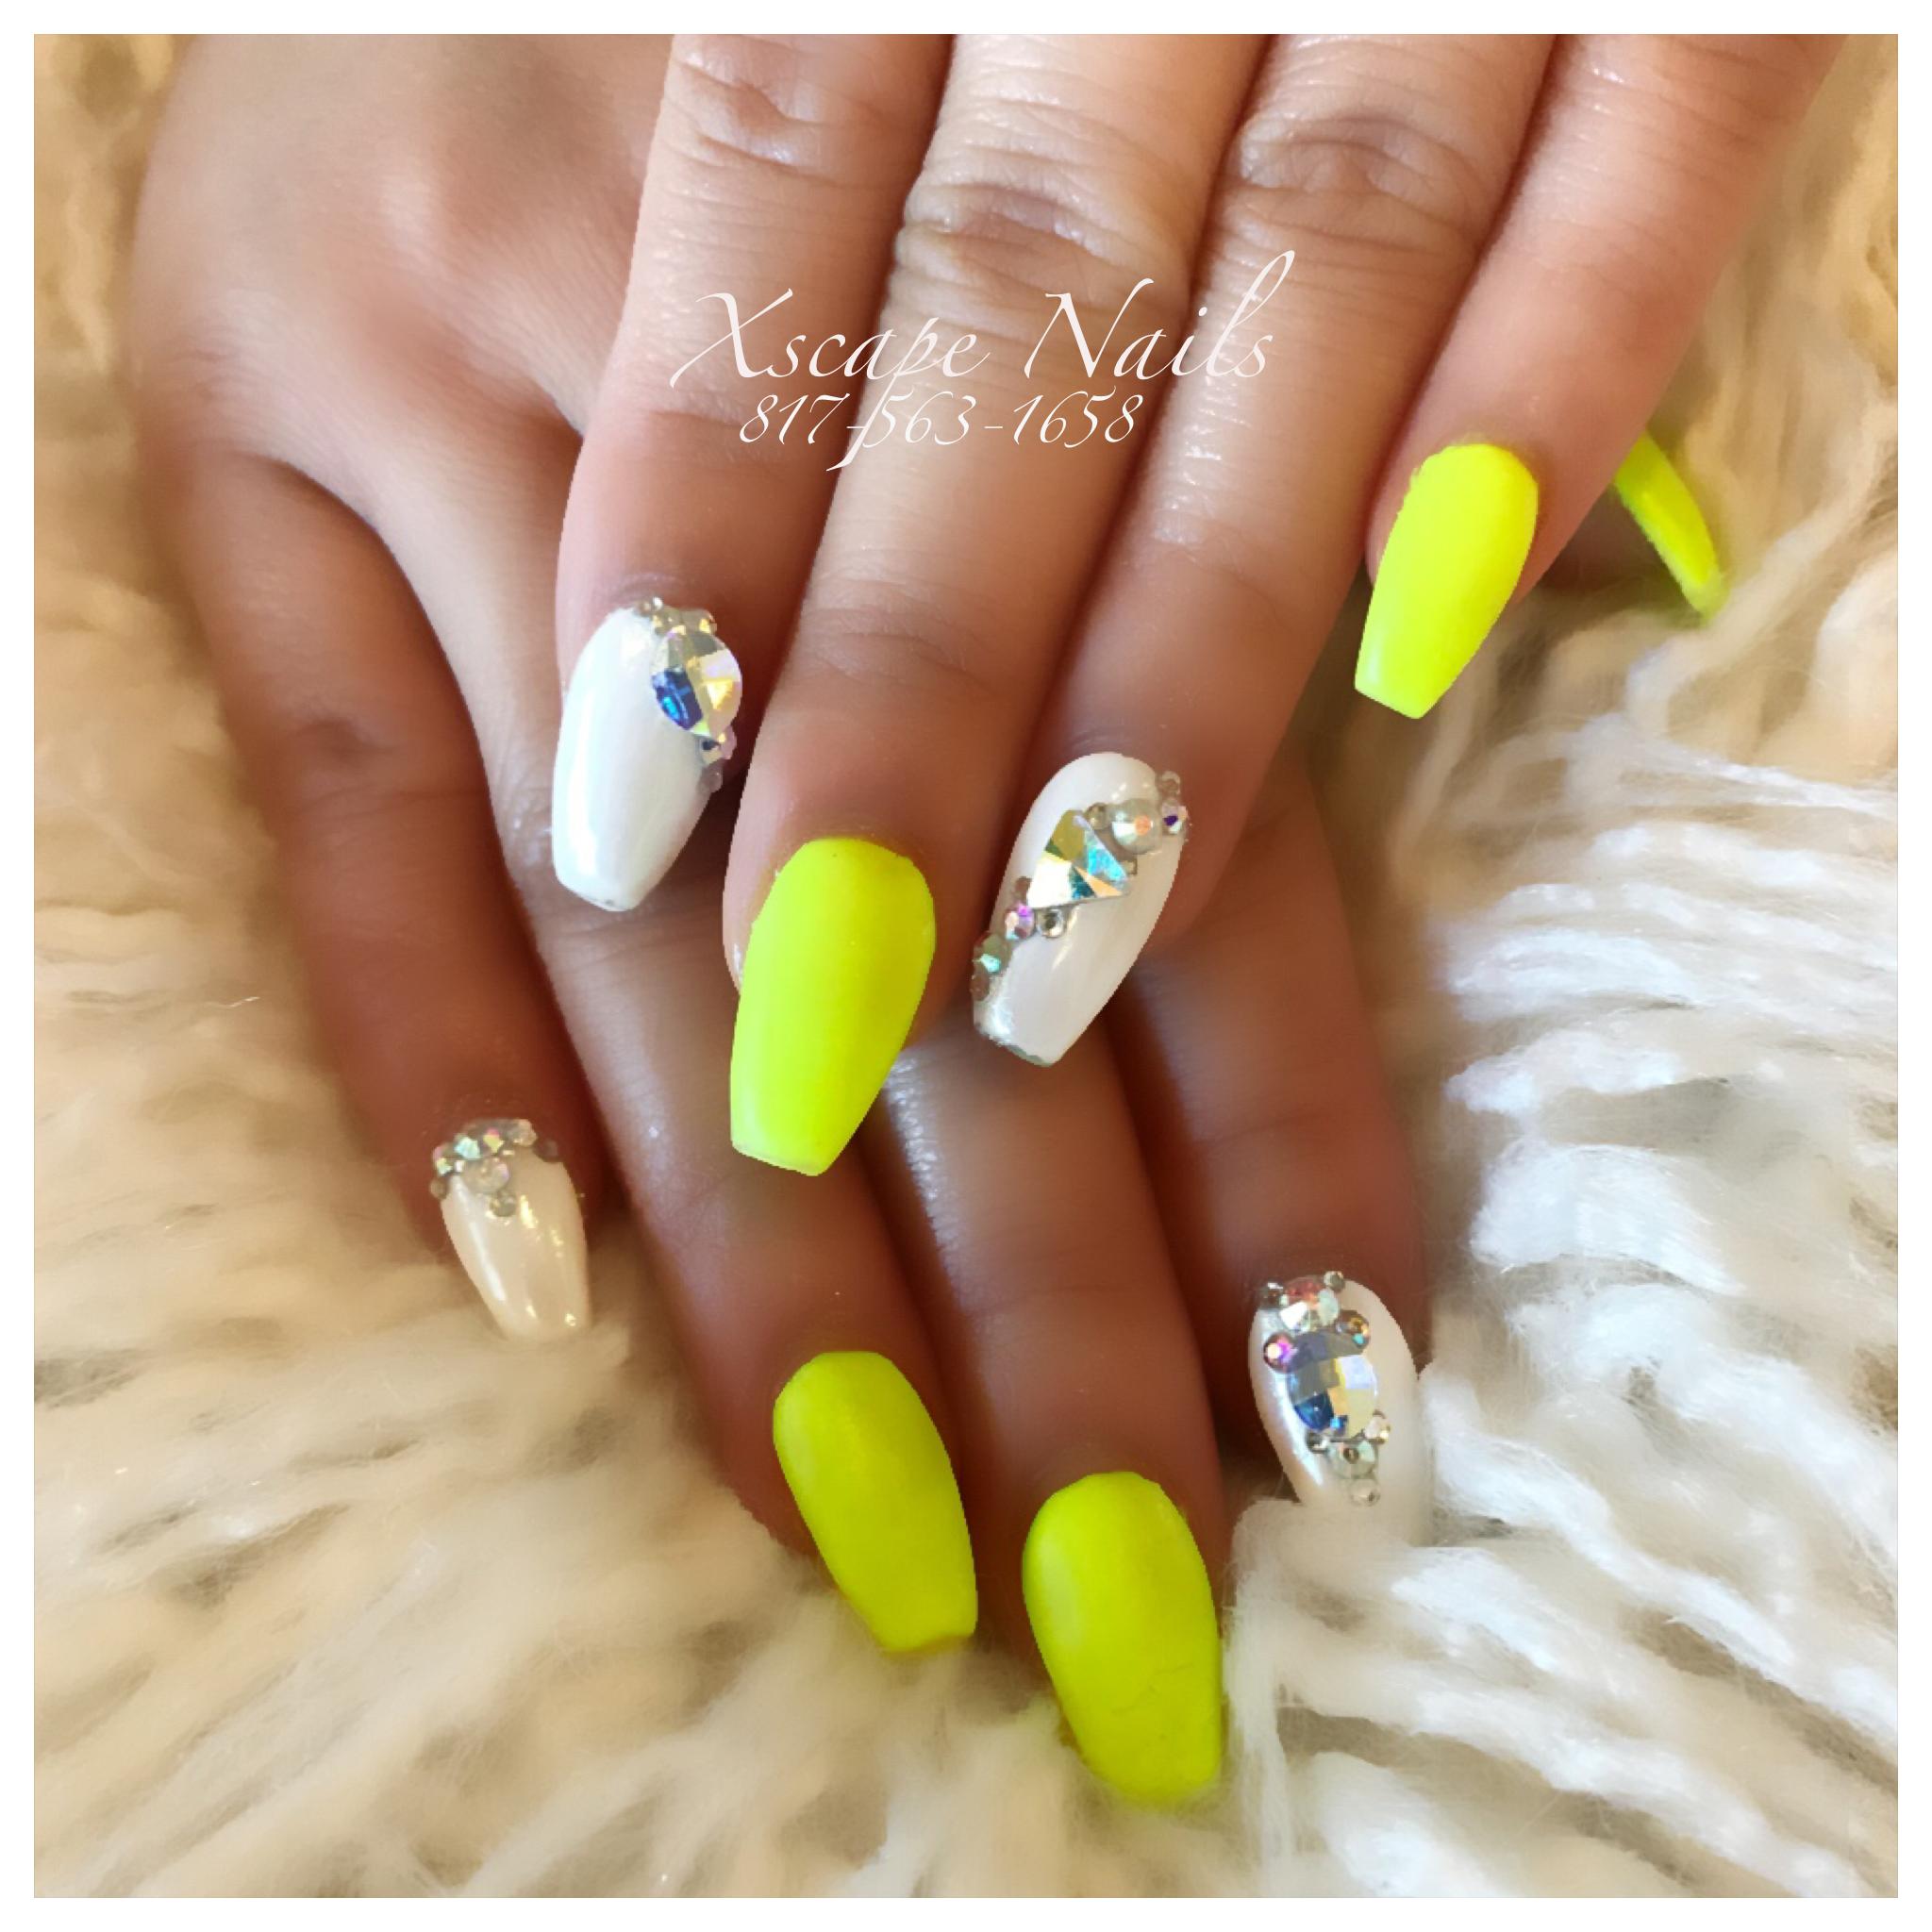 Neon matte nails | Cute Nails Designs | Pinterest | Matte nails